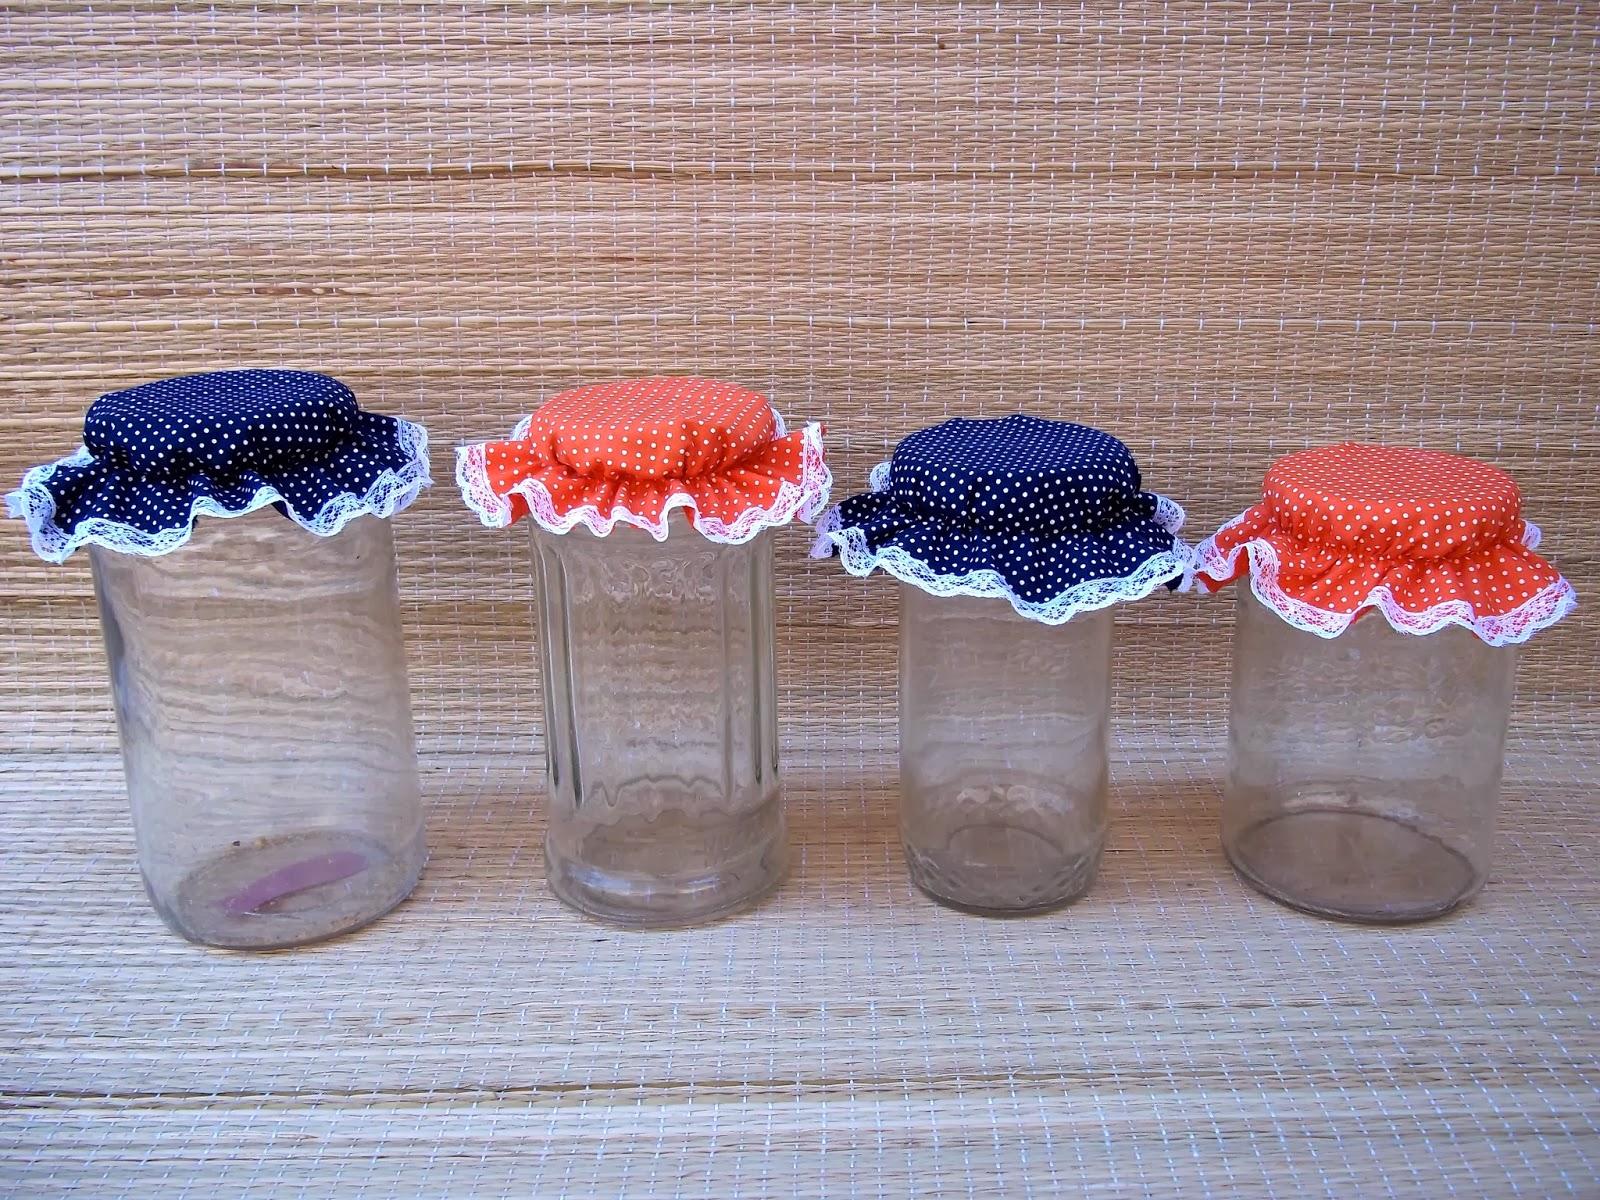 Ladokinha Artesanato Tampa de Tecido para Pote de Vidro -> Decorar Potes De Vidro Com Tecido